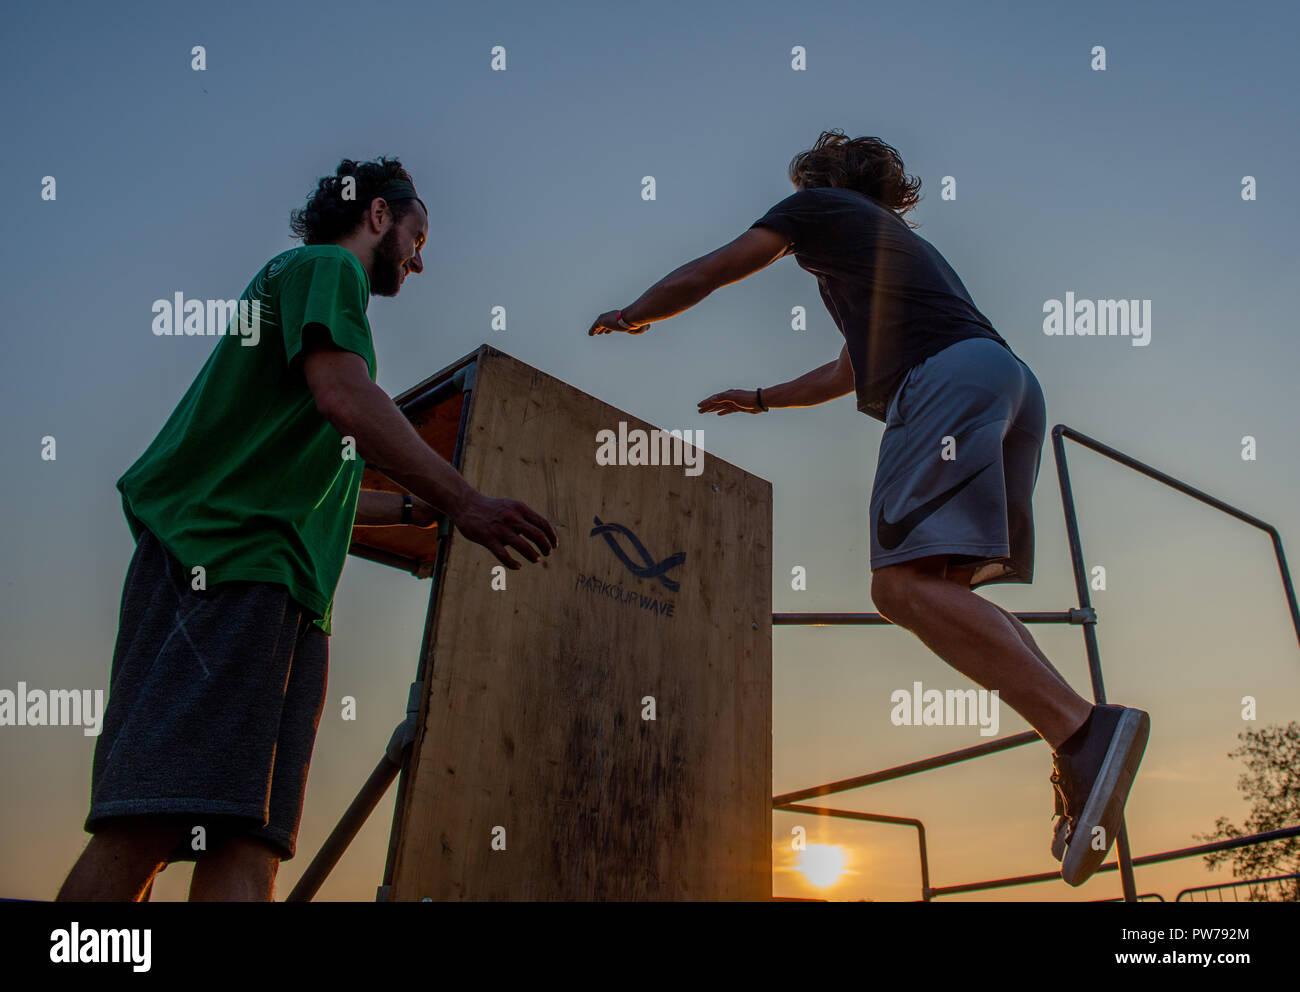 """Bergamo Italien 12. Oktober 2018: Parkour"""" körperliche Aktivität im Laufen, Klettern und Springen ein Hindernis zu überwinden Stockbild"""